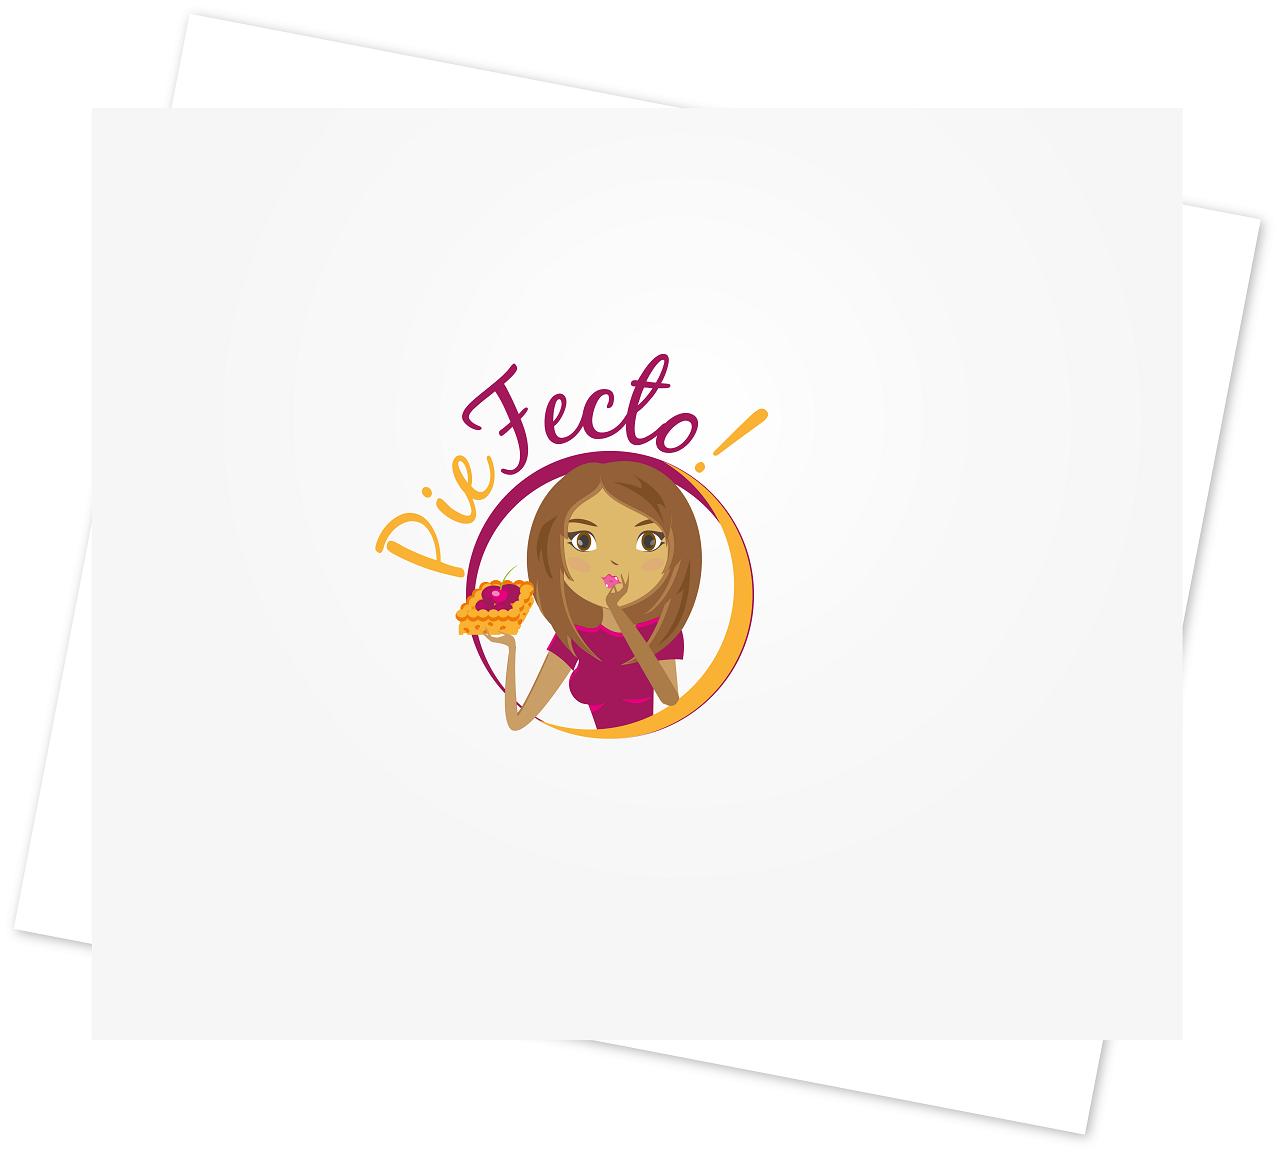 Piefecto! needs a new logo